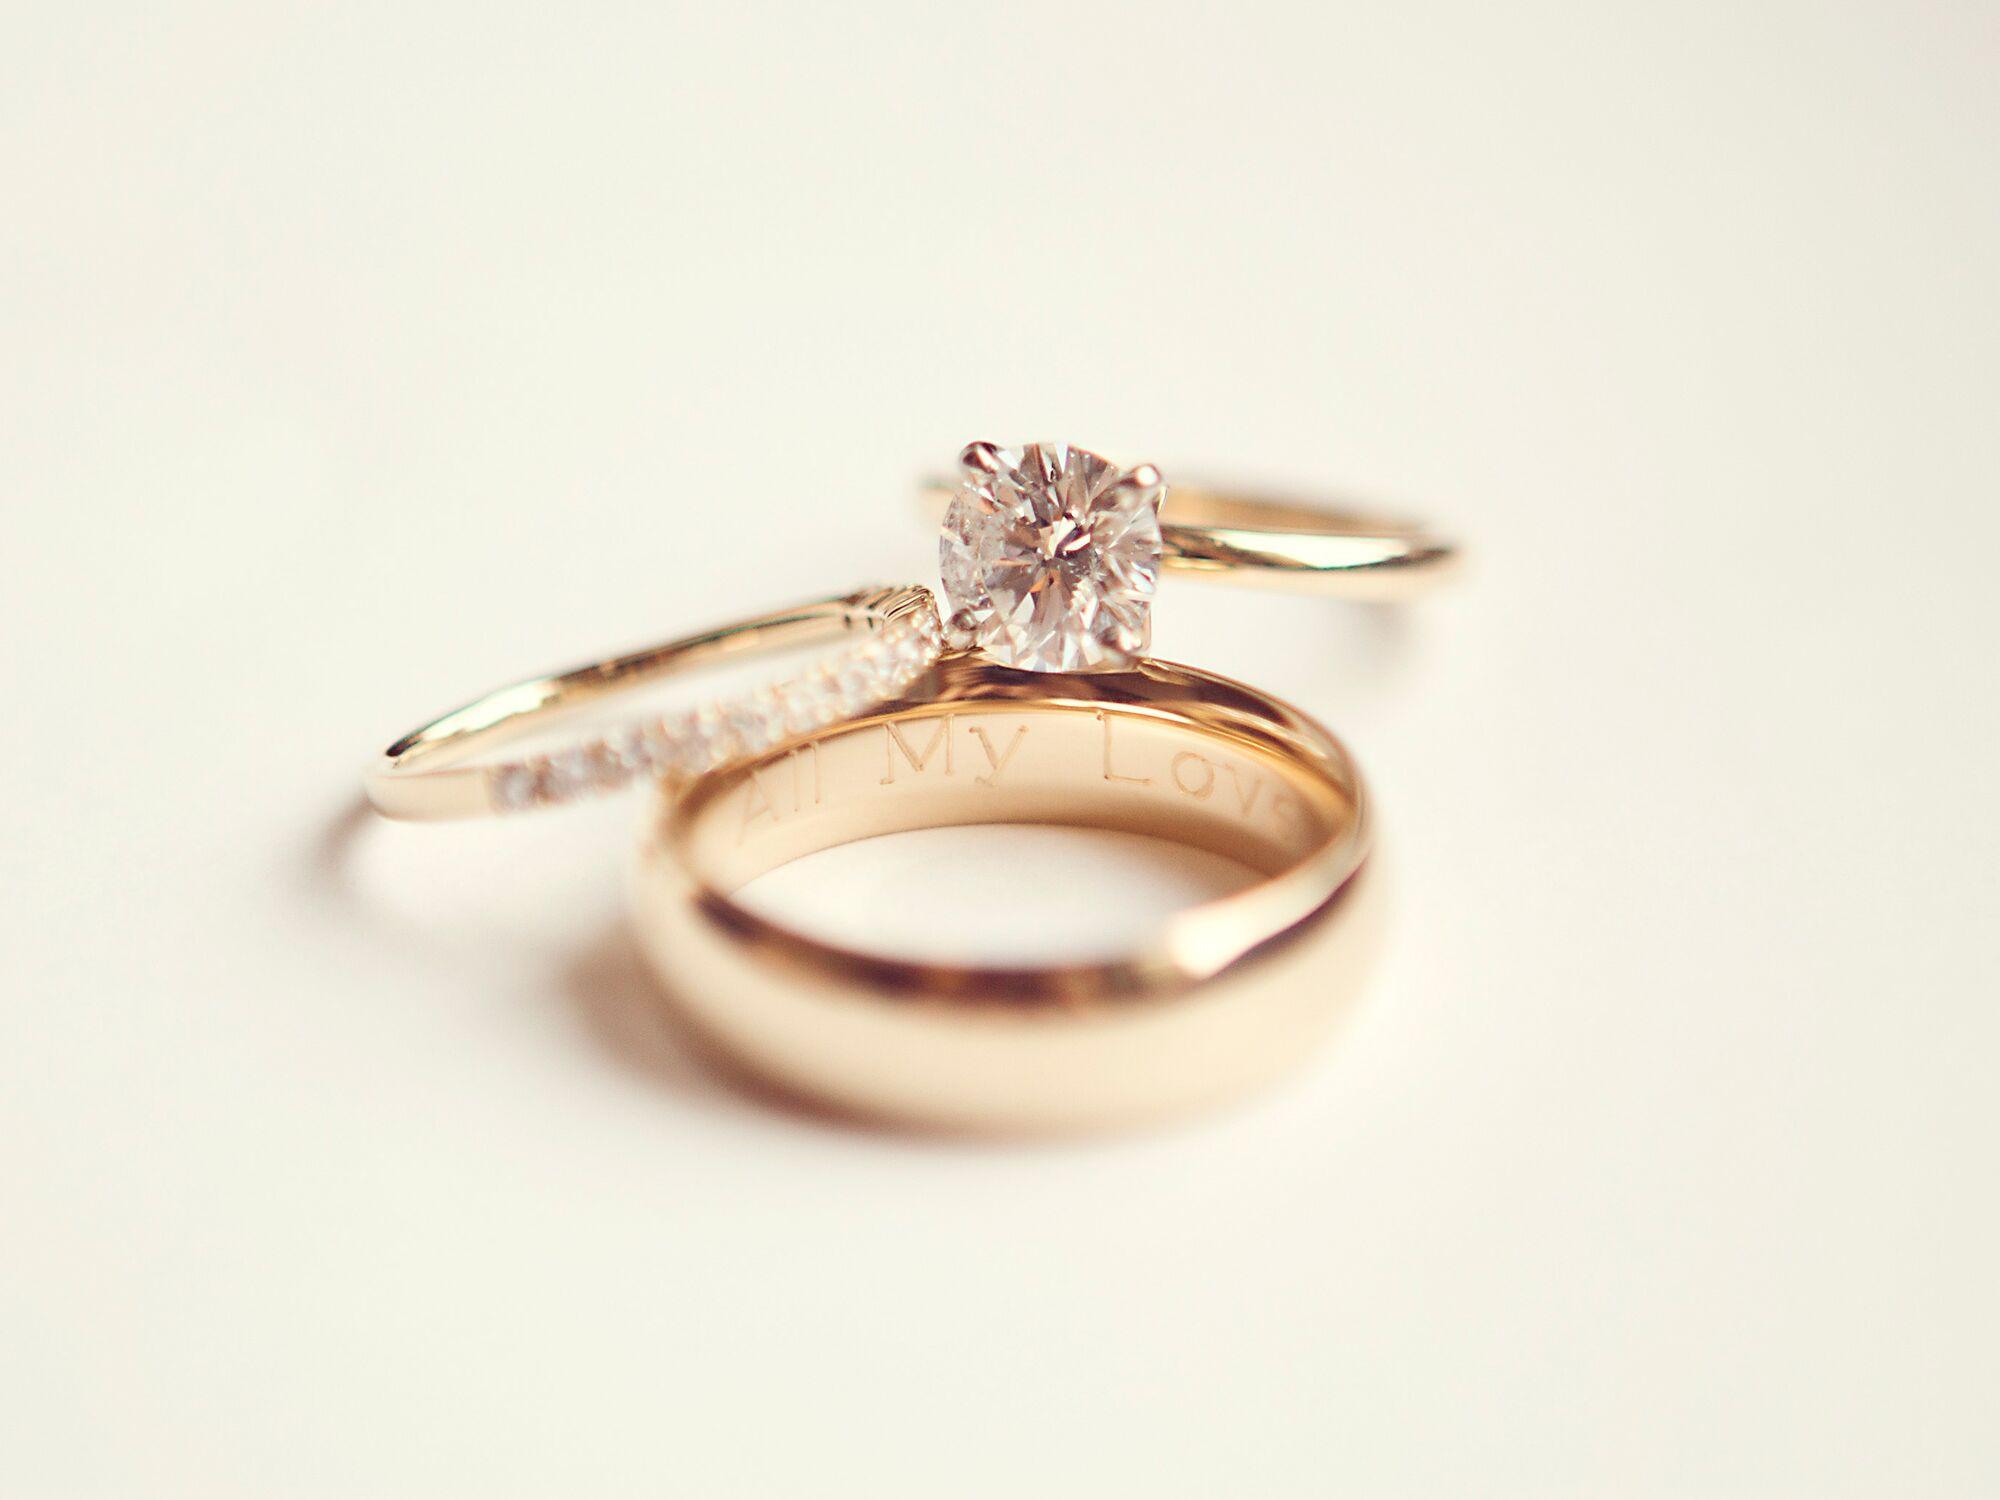 Wedding Band Engravings  Wedding Ring Engraving Ideas & Tips